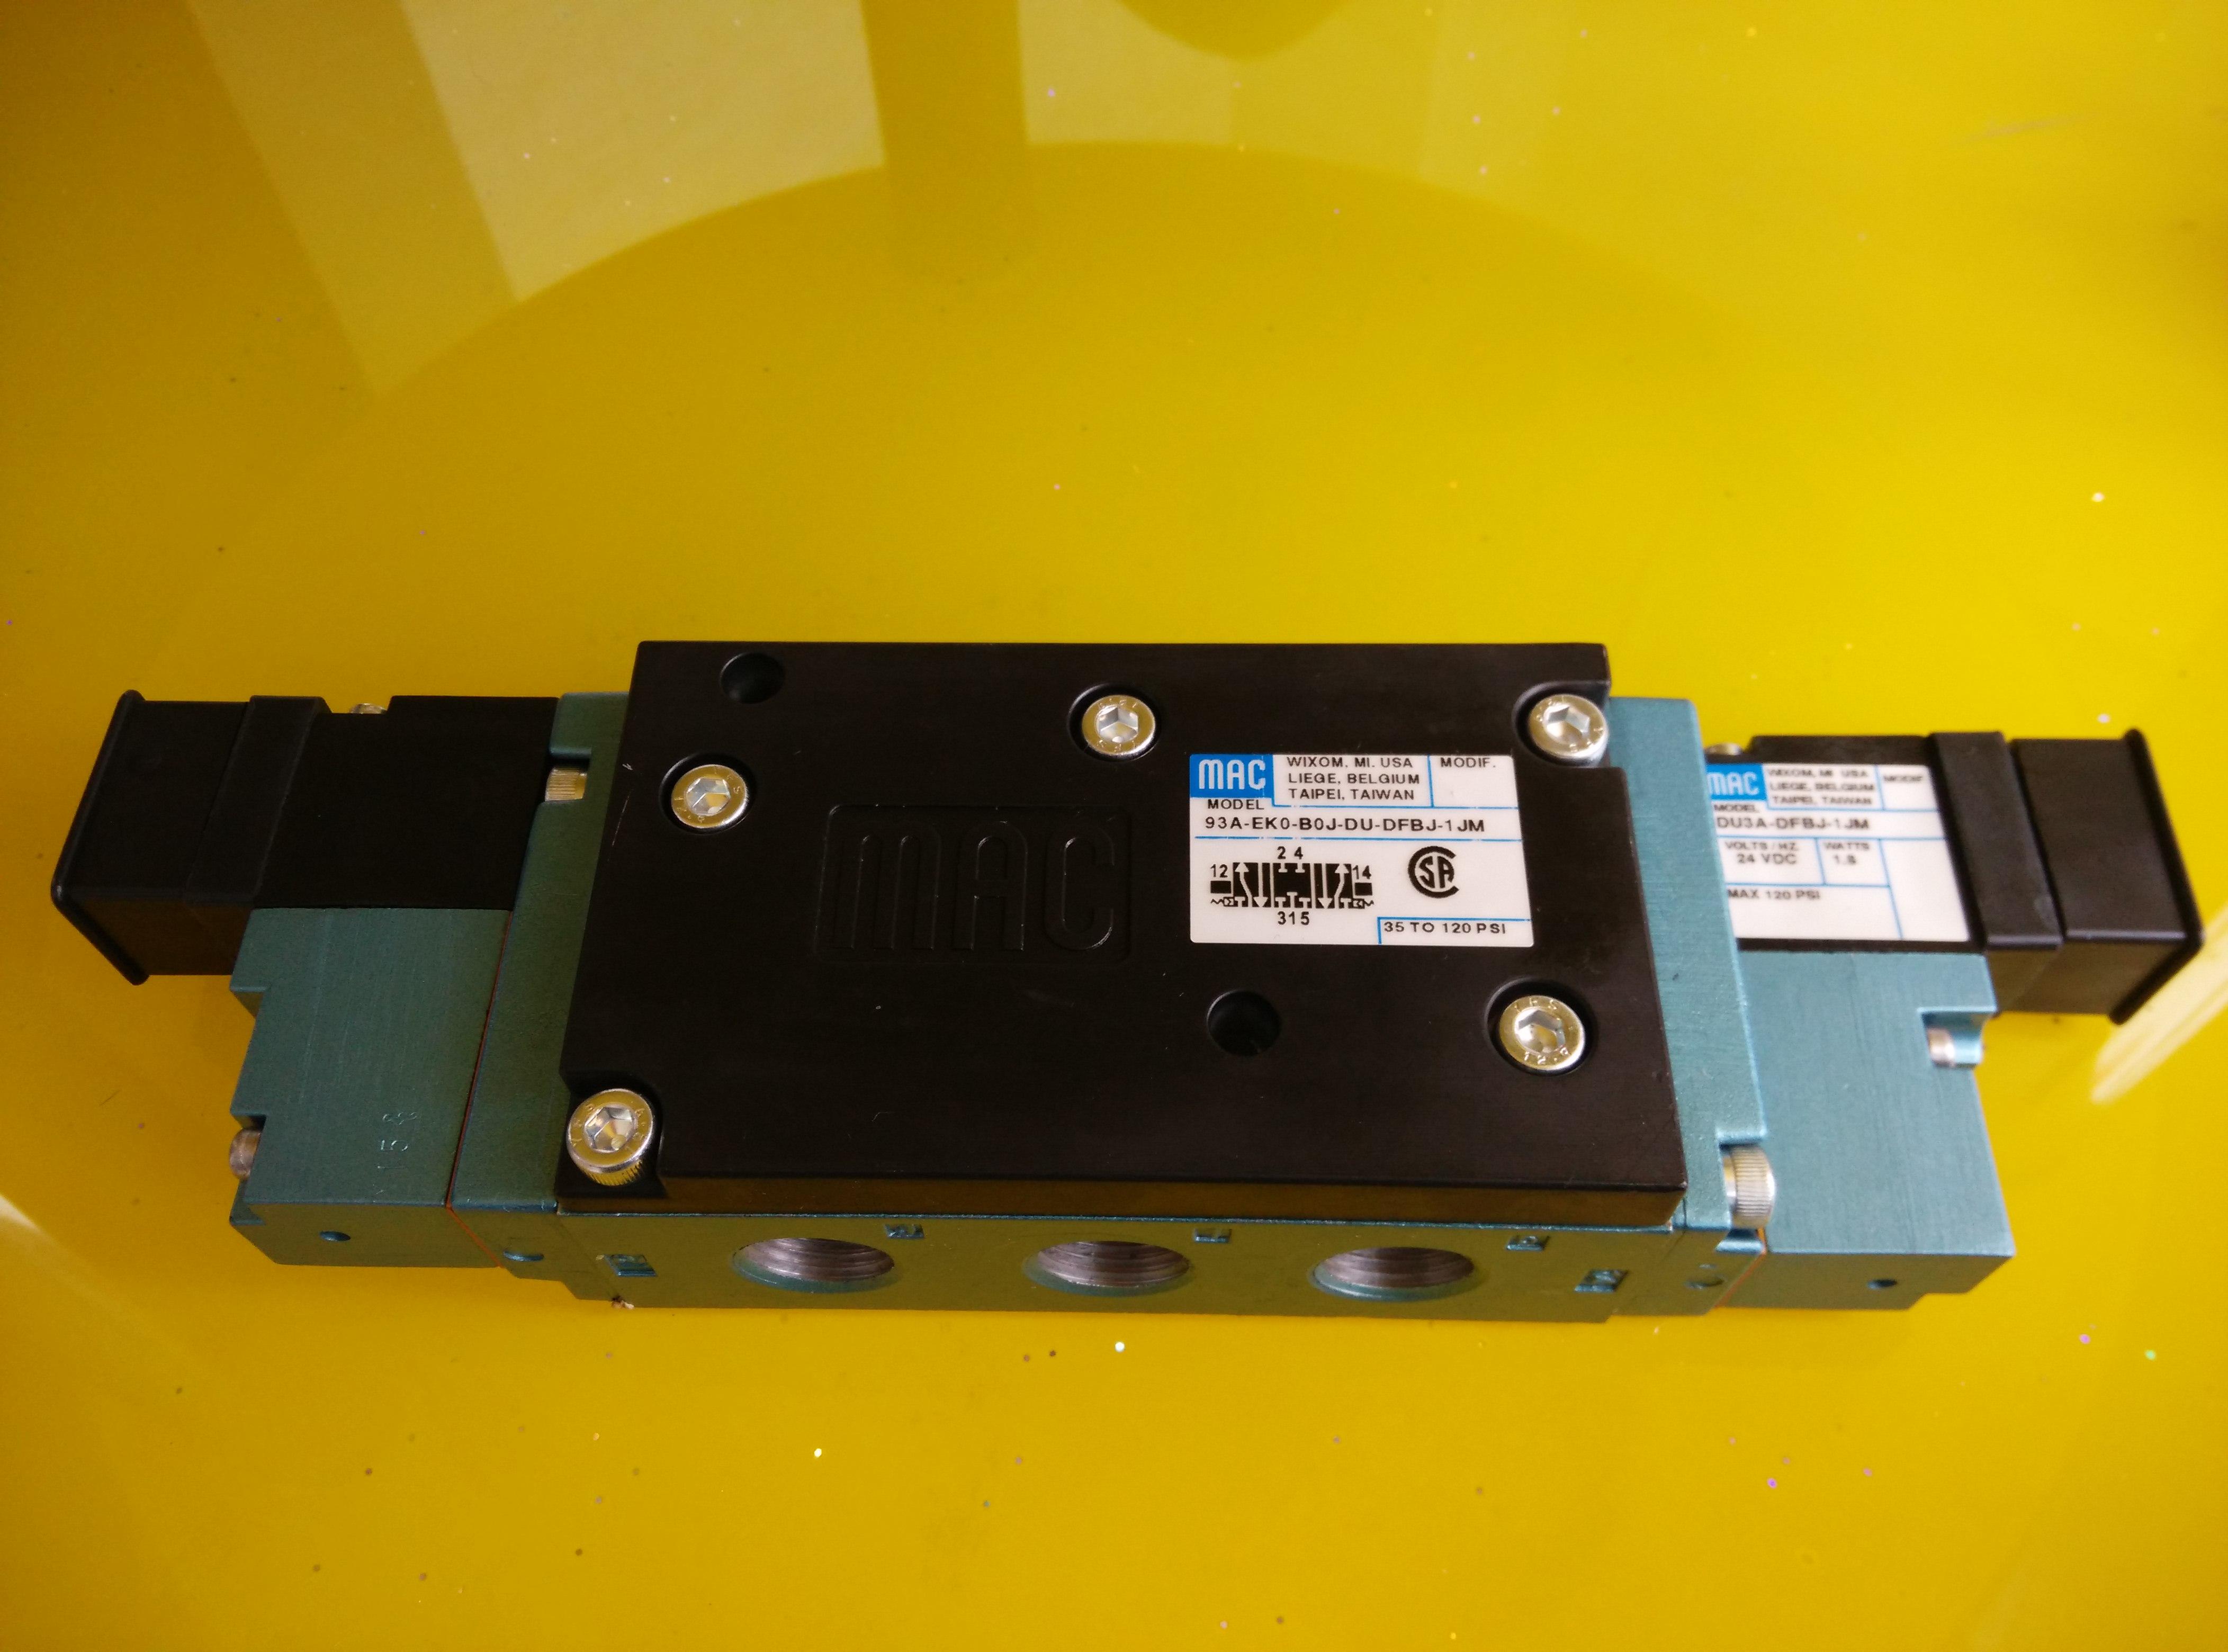 US - Mac magnetventil 93A-EKO-BOJ-DU-DFBJ-1JM eine strafe von zehn echte Paket post.